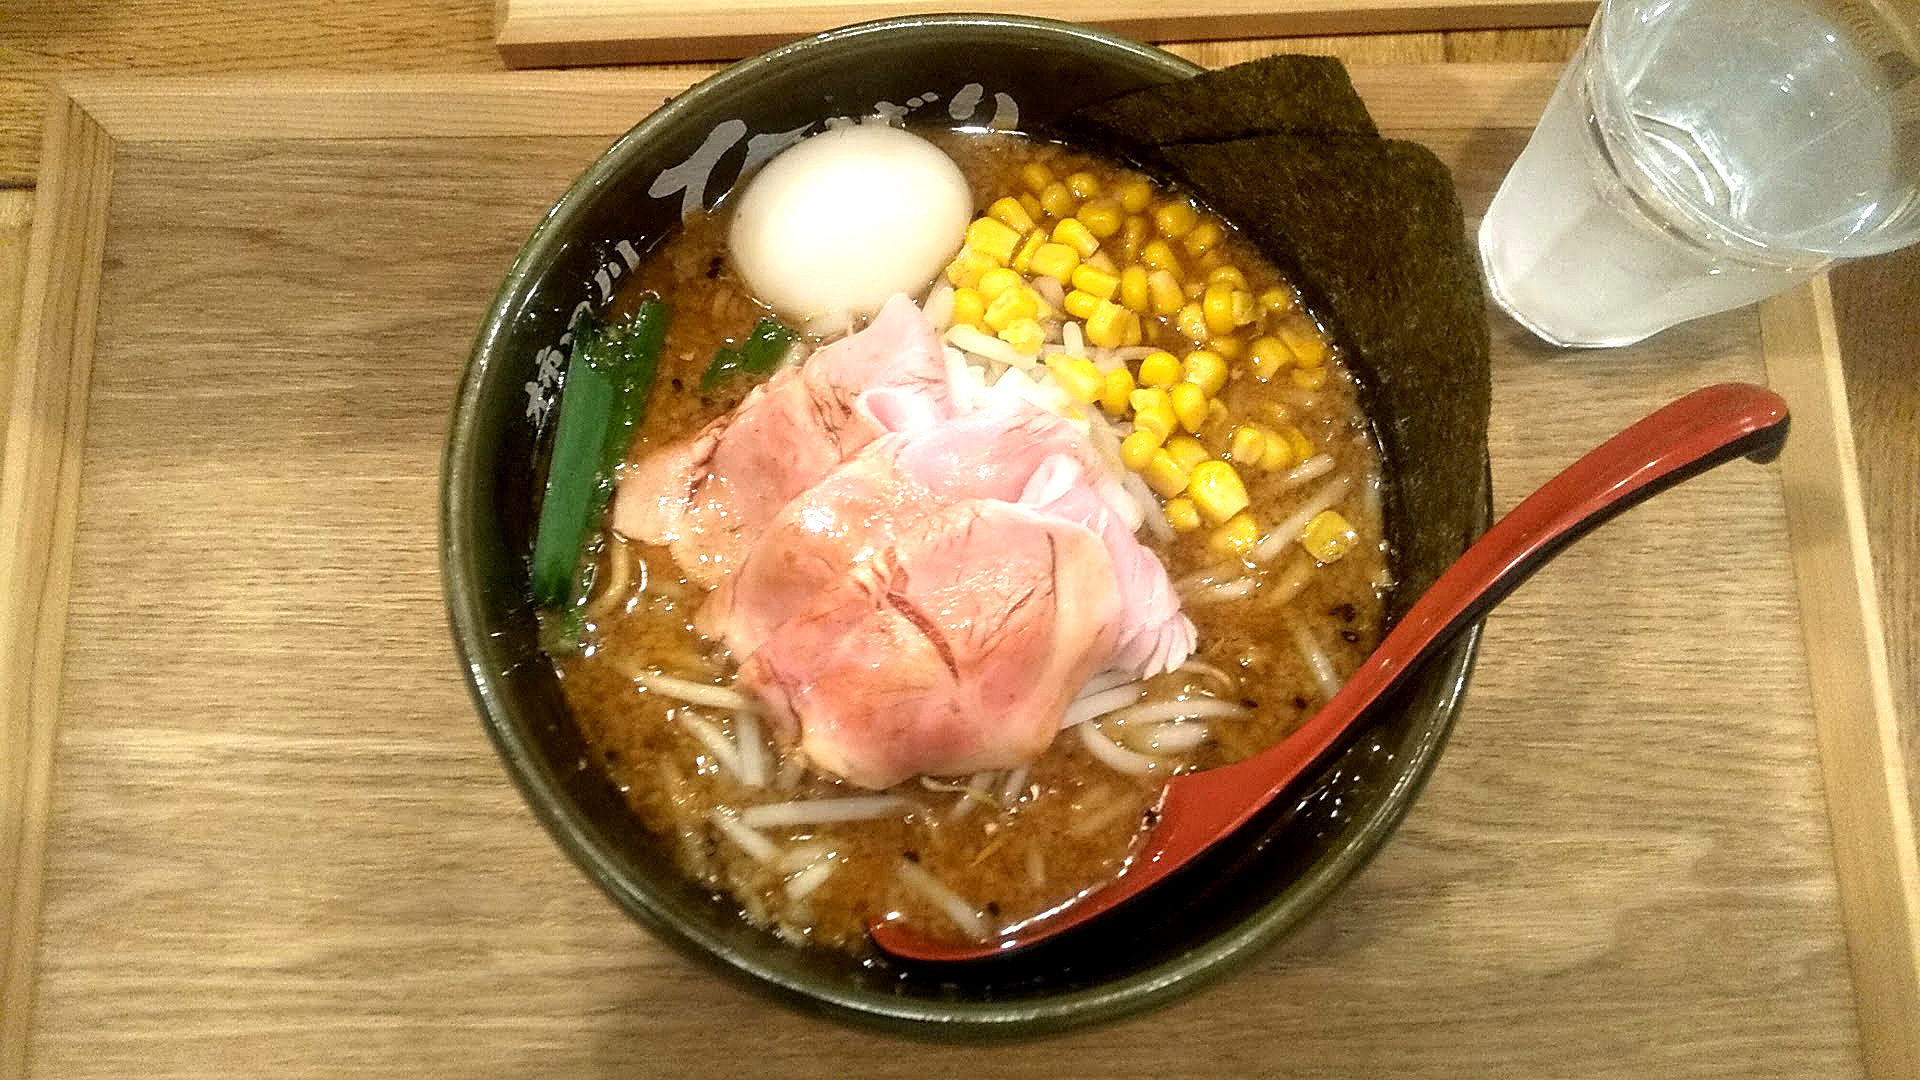 味噌らーめん柿田川ひばりの特製味噌らーめんの写真